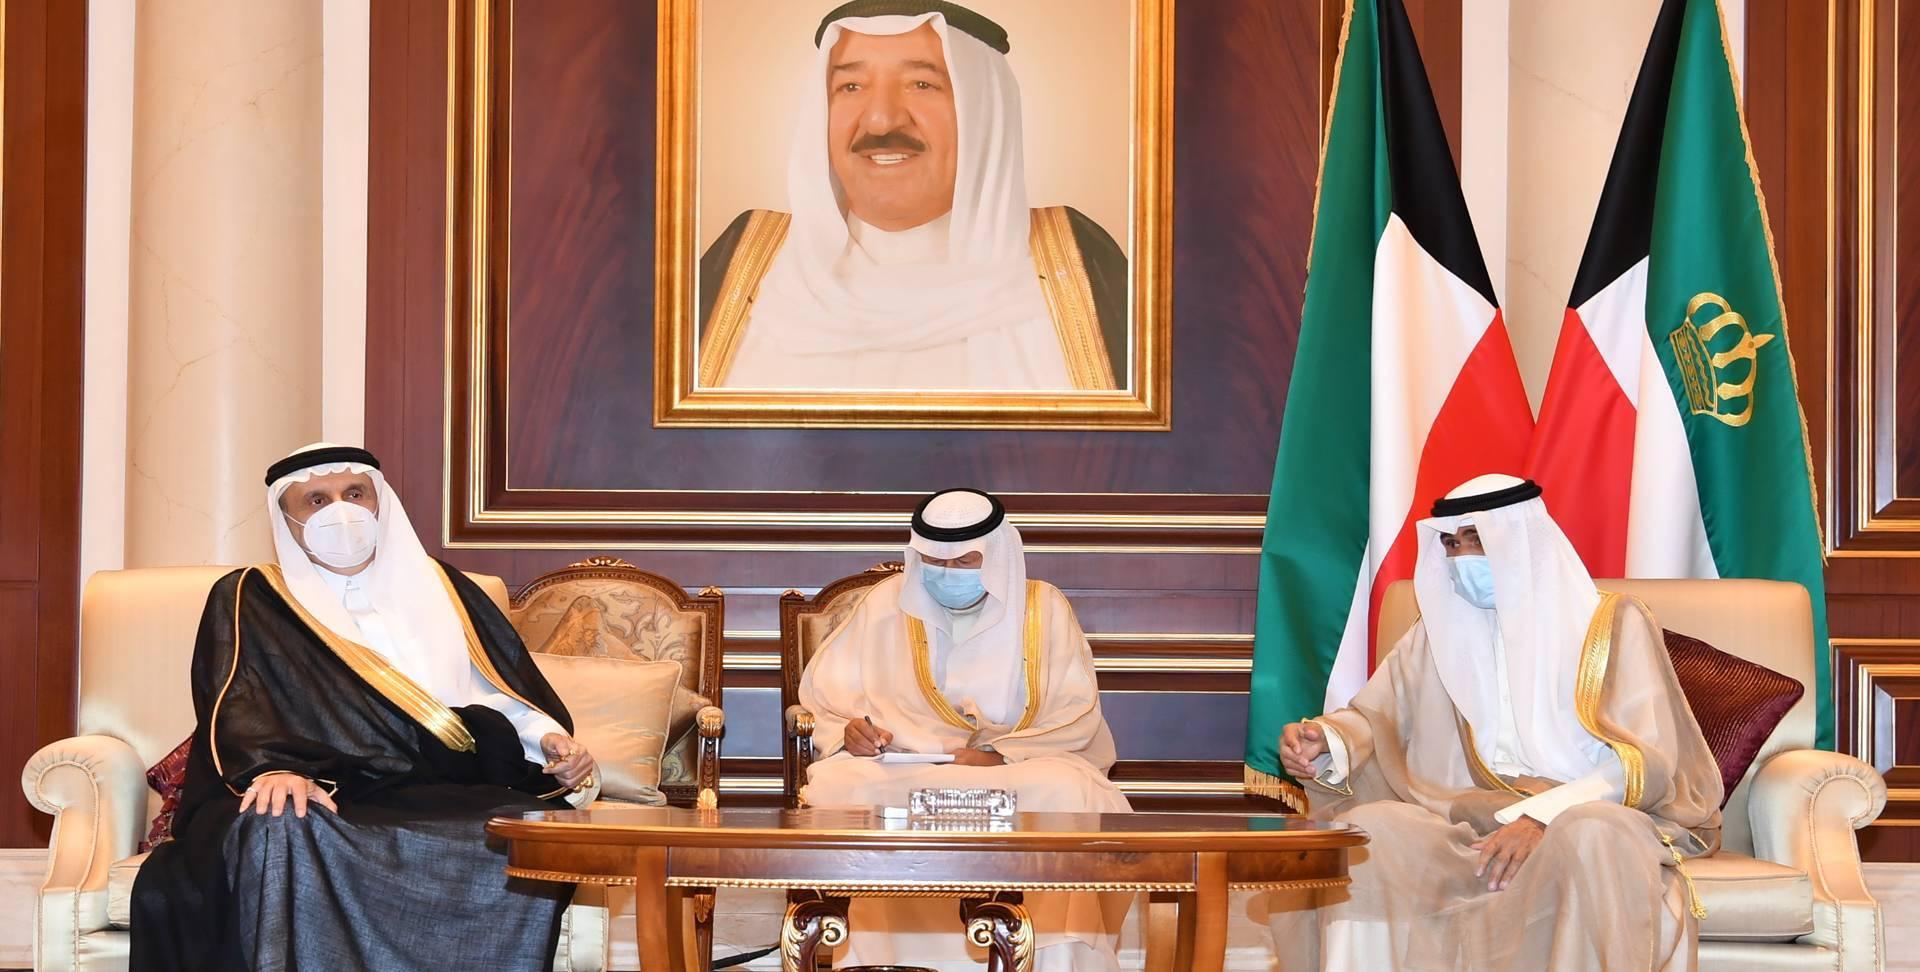 سمو أمير البلاد يستقبل ممثلي خادم الحرمين الشريفين وولي العهد السعودي